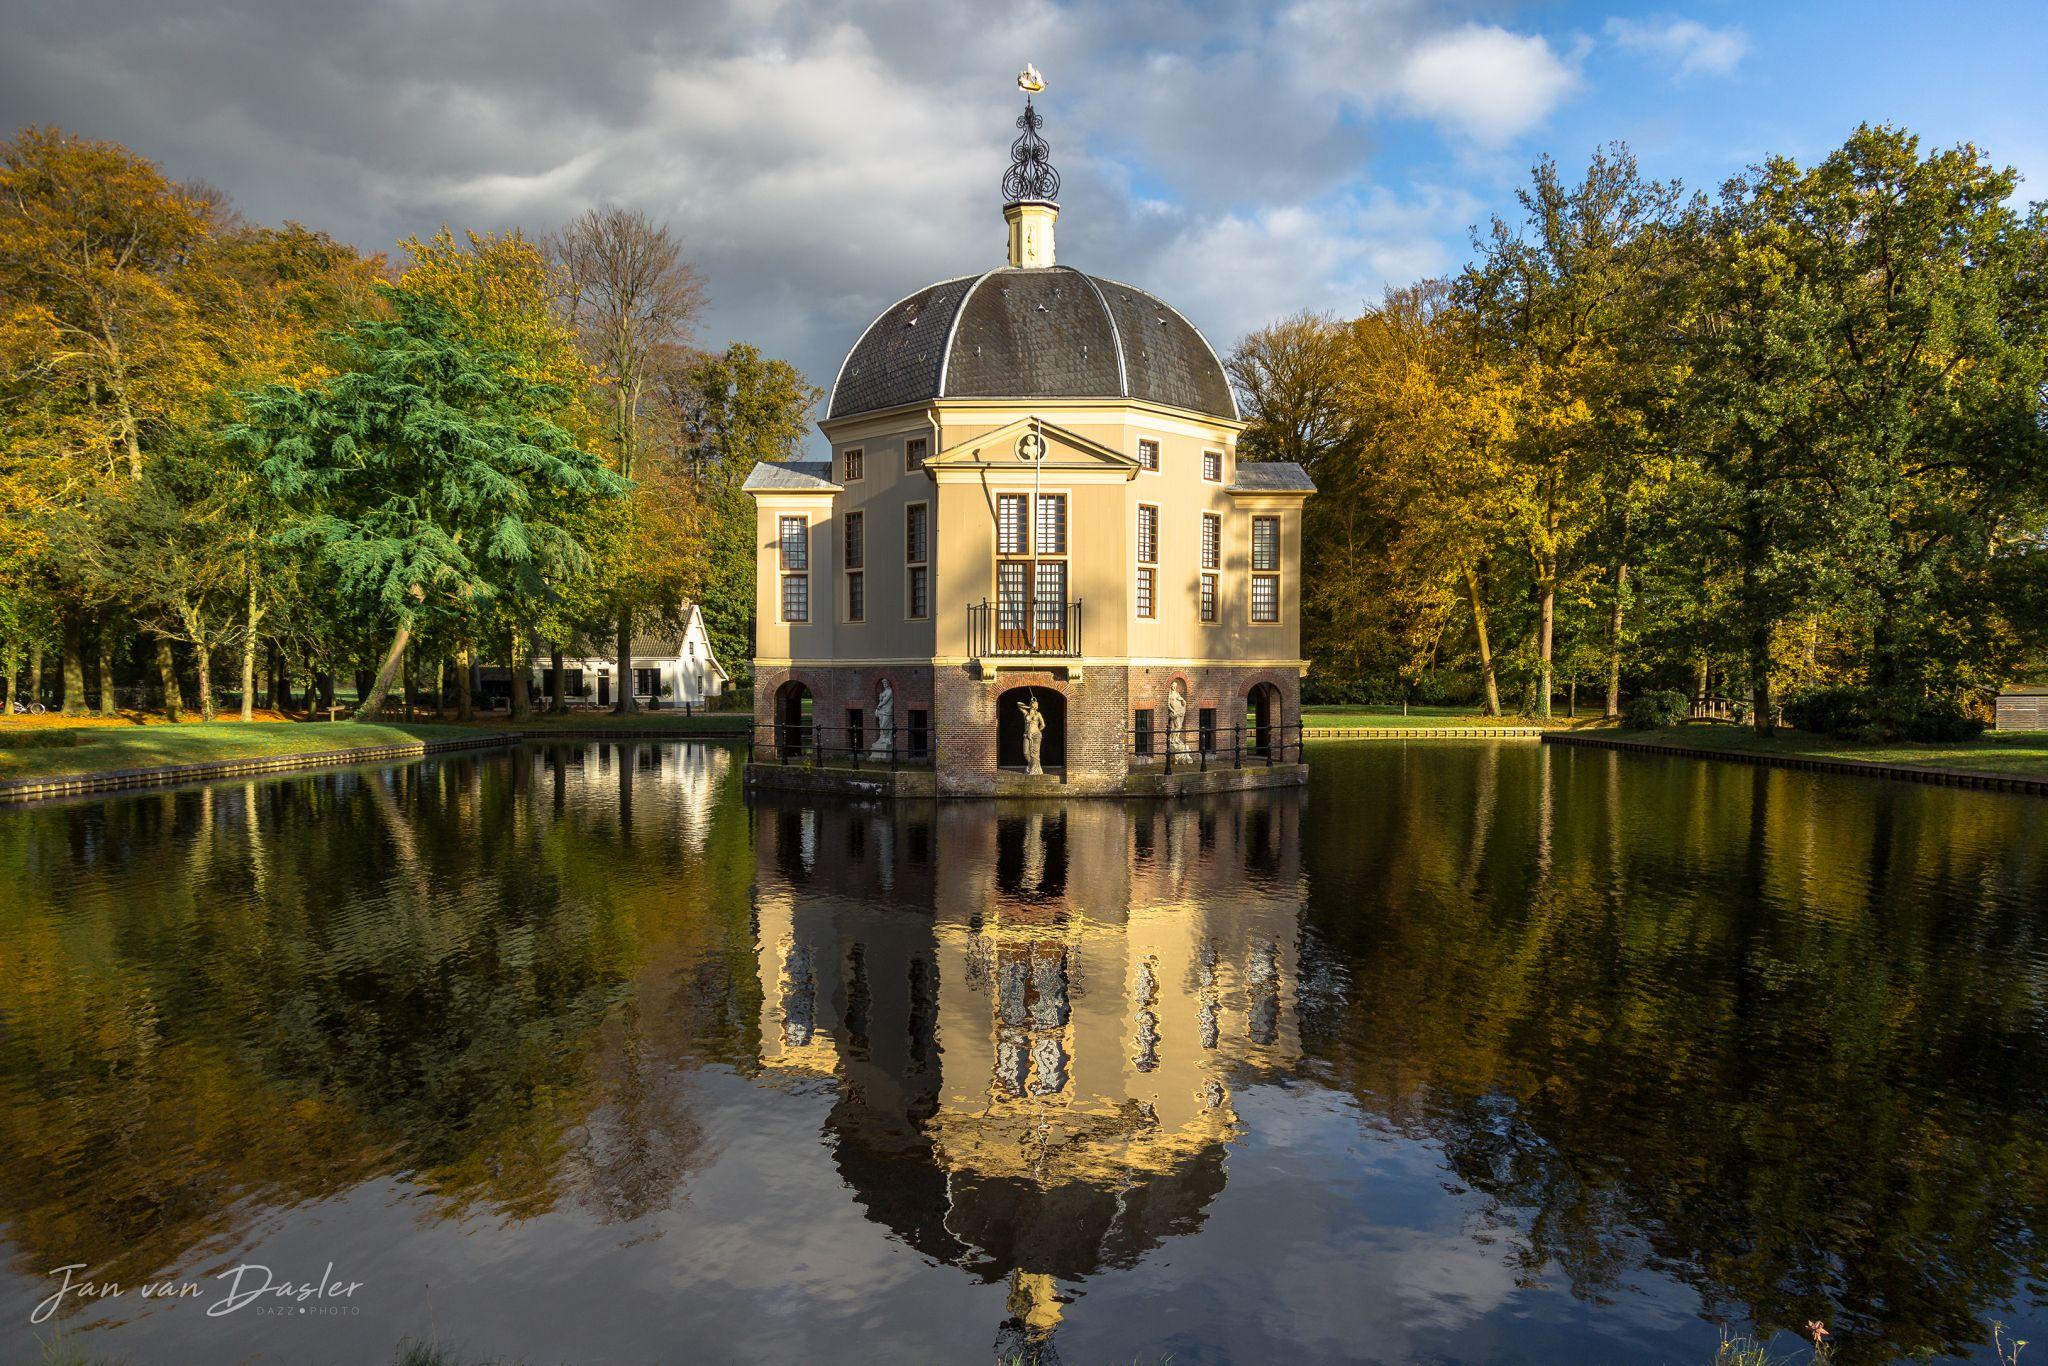 Trompenburgh Estate at 's-Graveland, The Netherlands, Netherlands